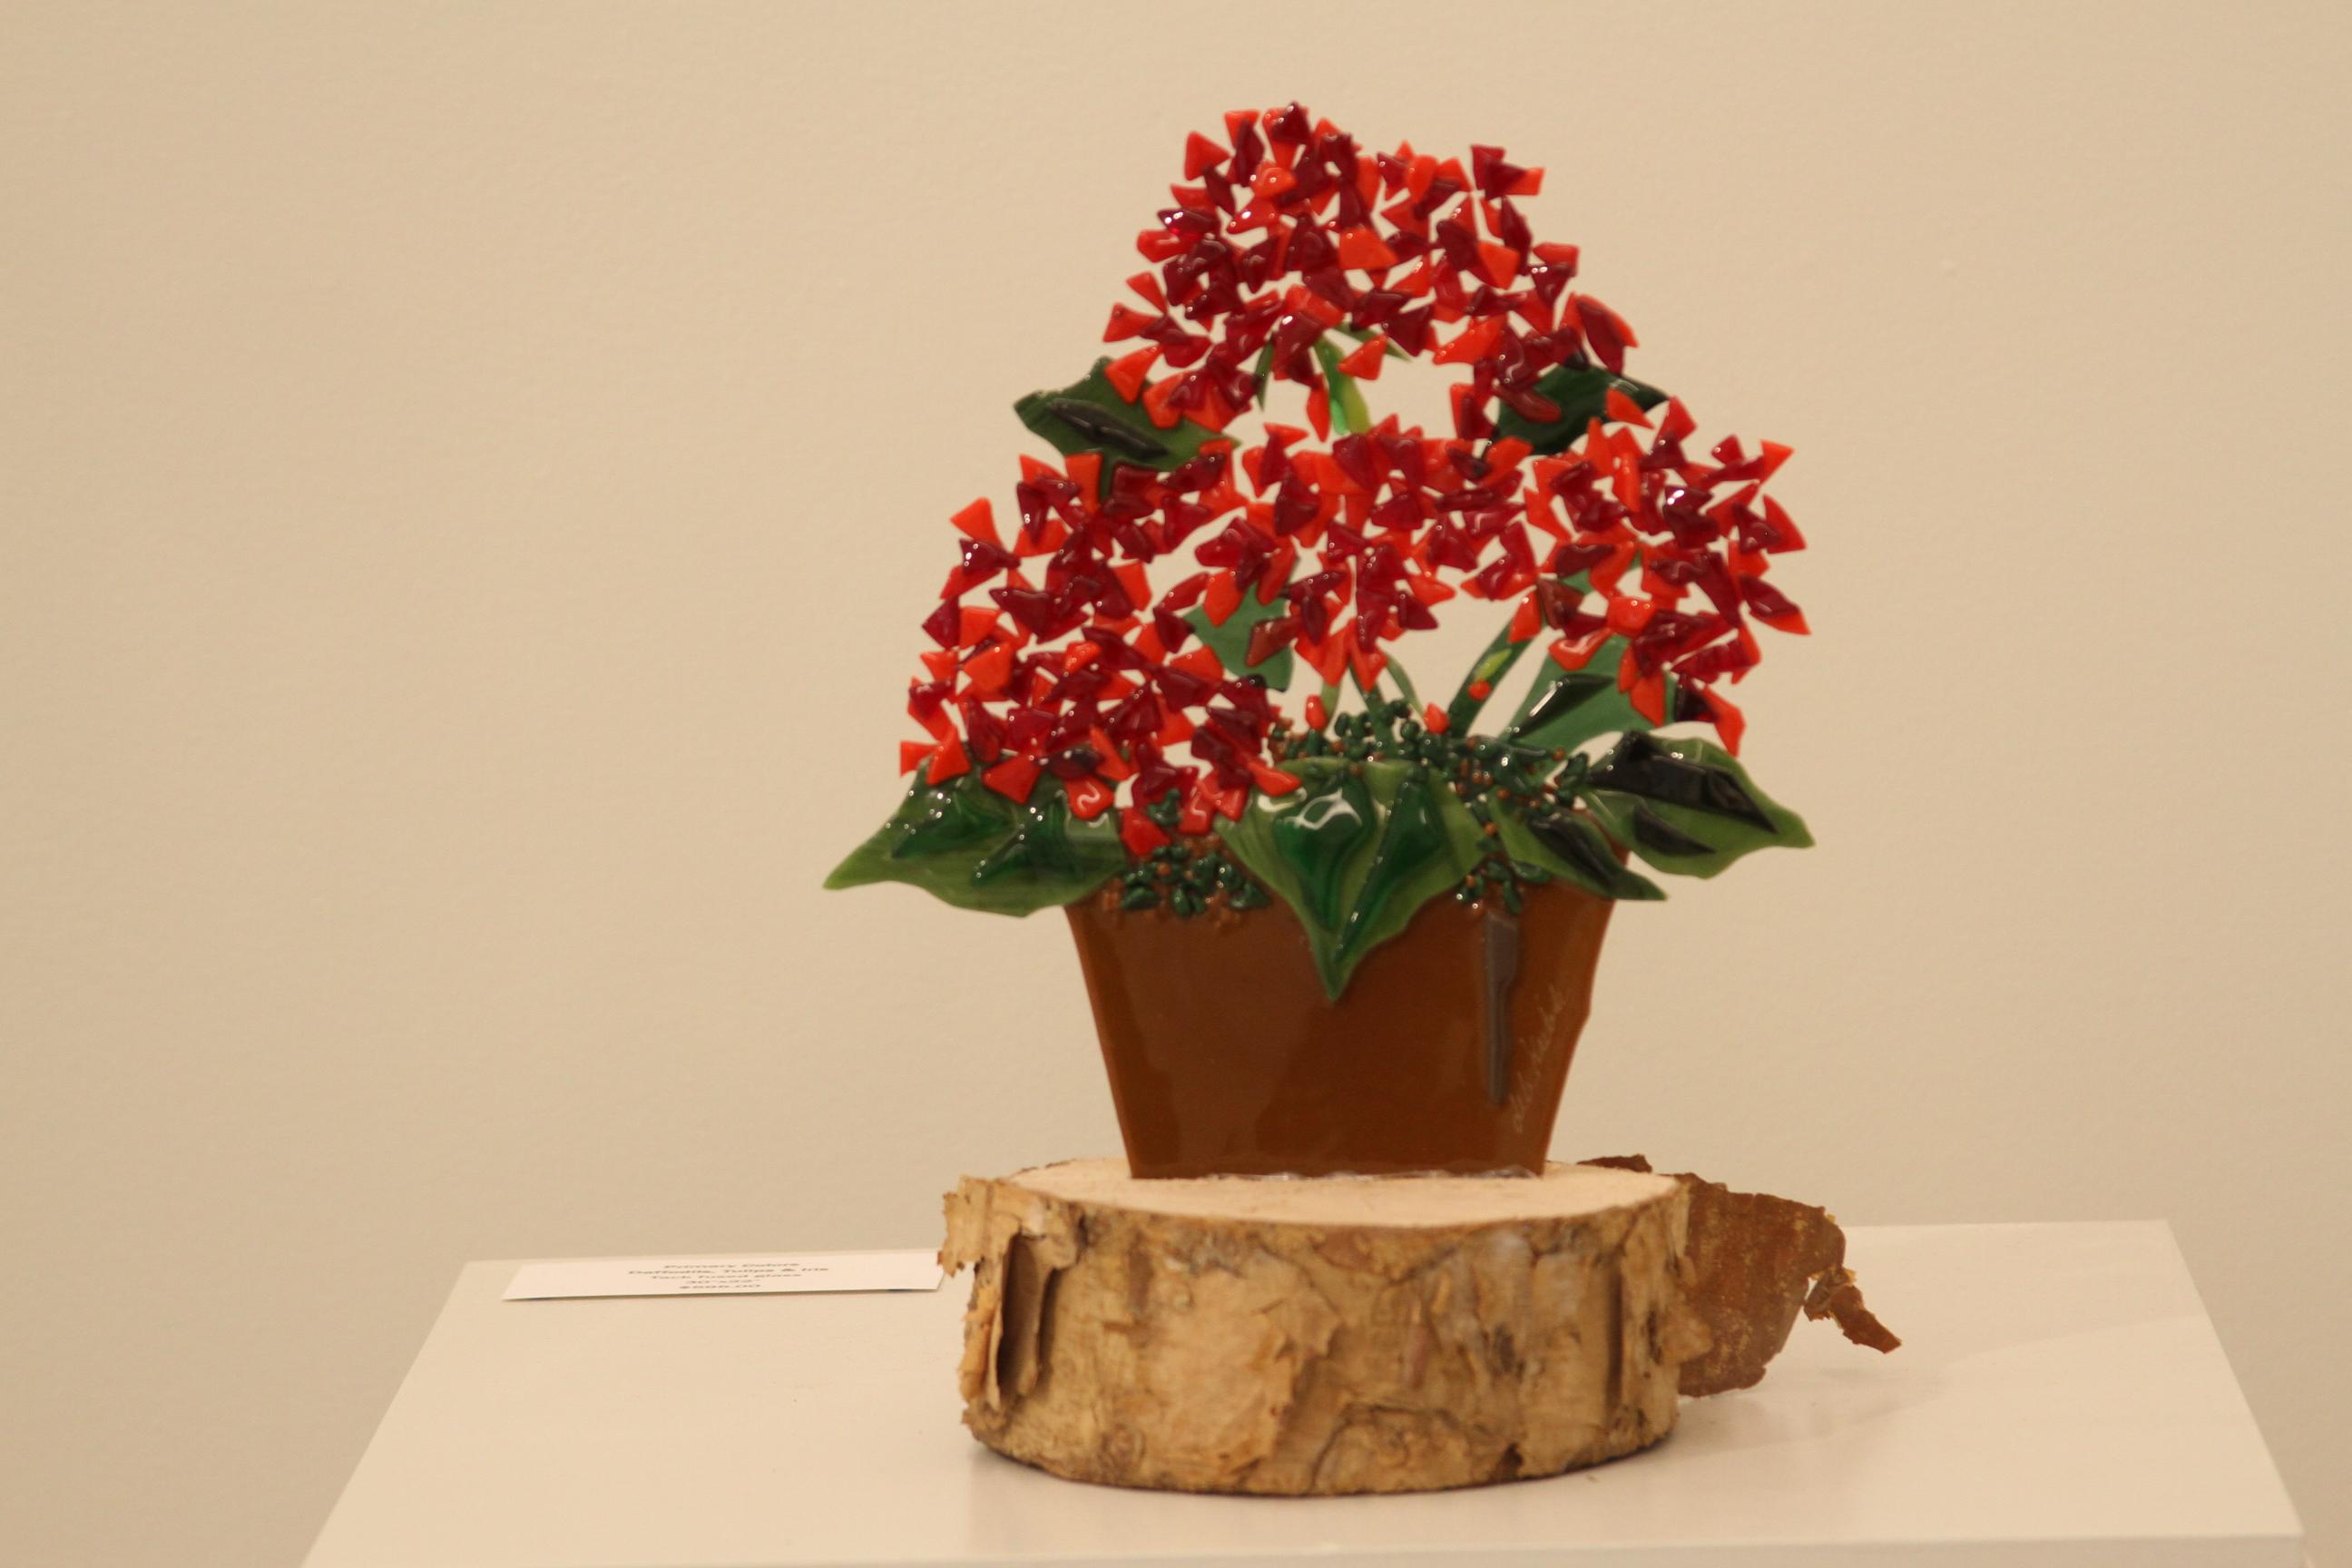 Pick Me Too - Red Geranium on Stump